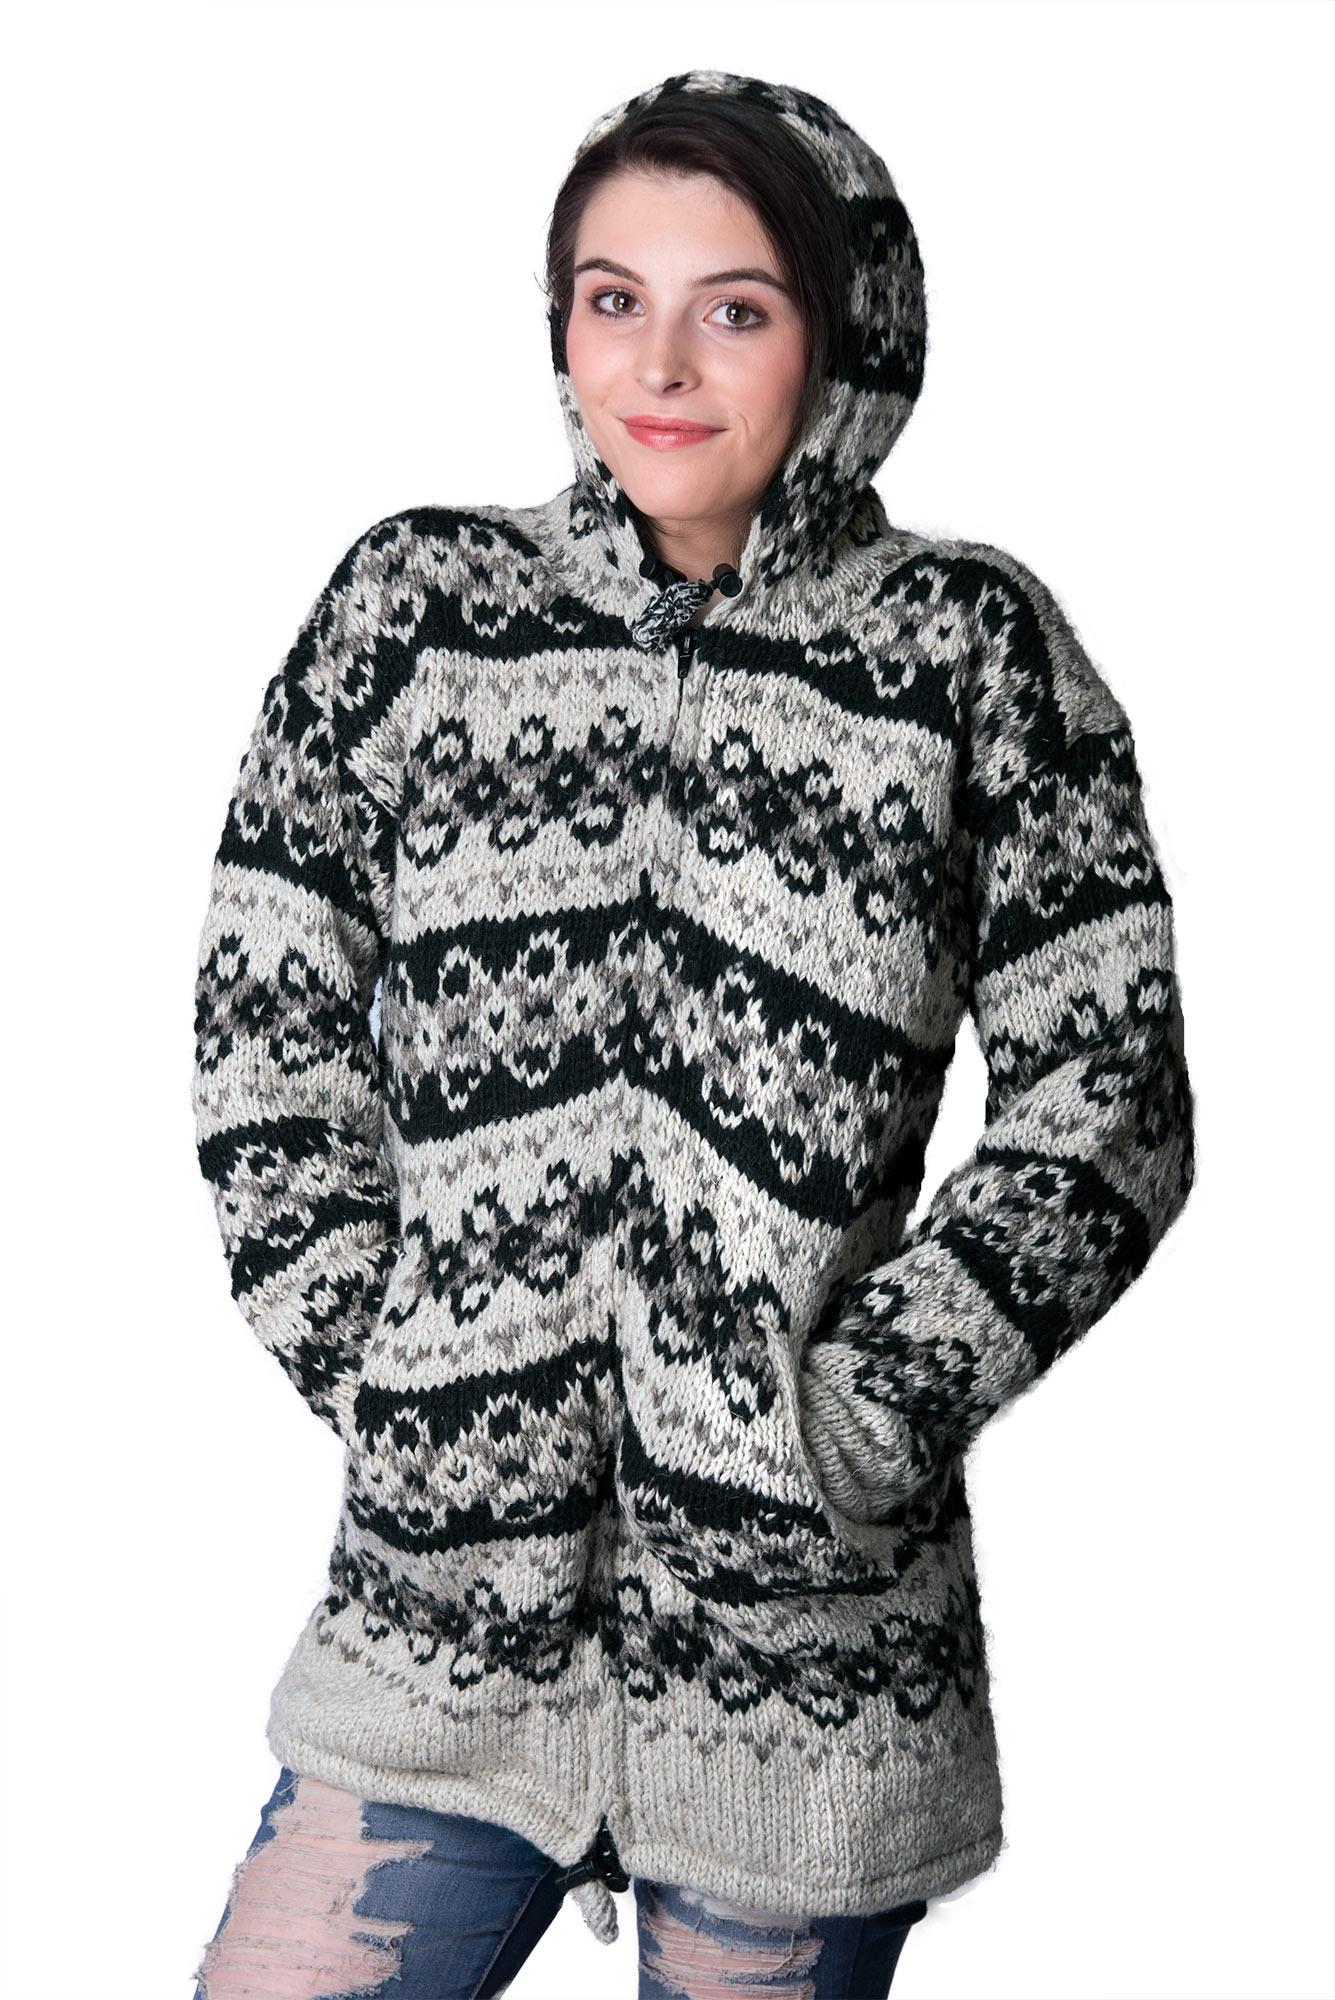 Wool Vintage Himalayan Mountain Jacket – Long Length Pewter & Black